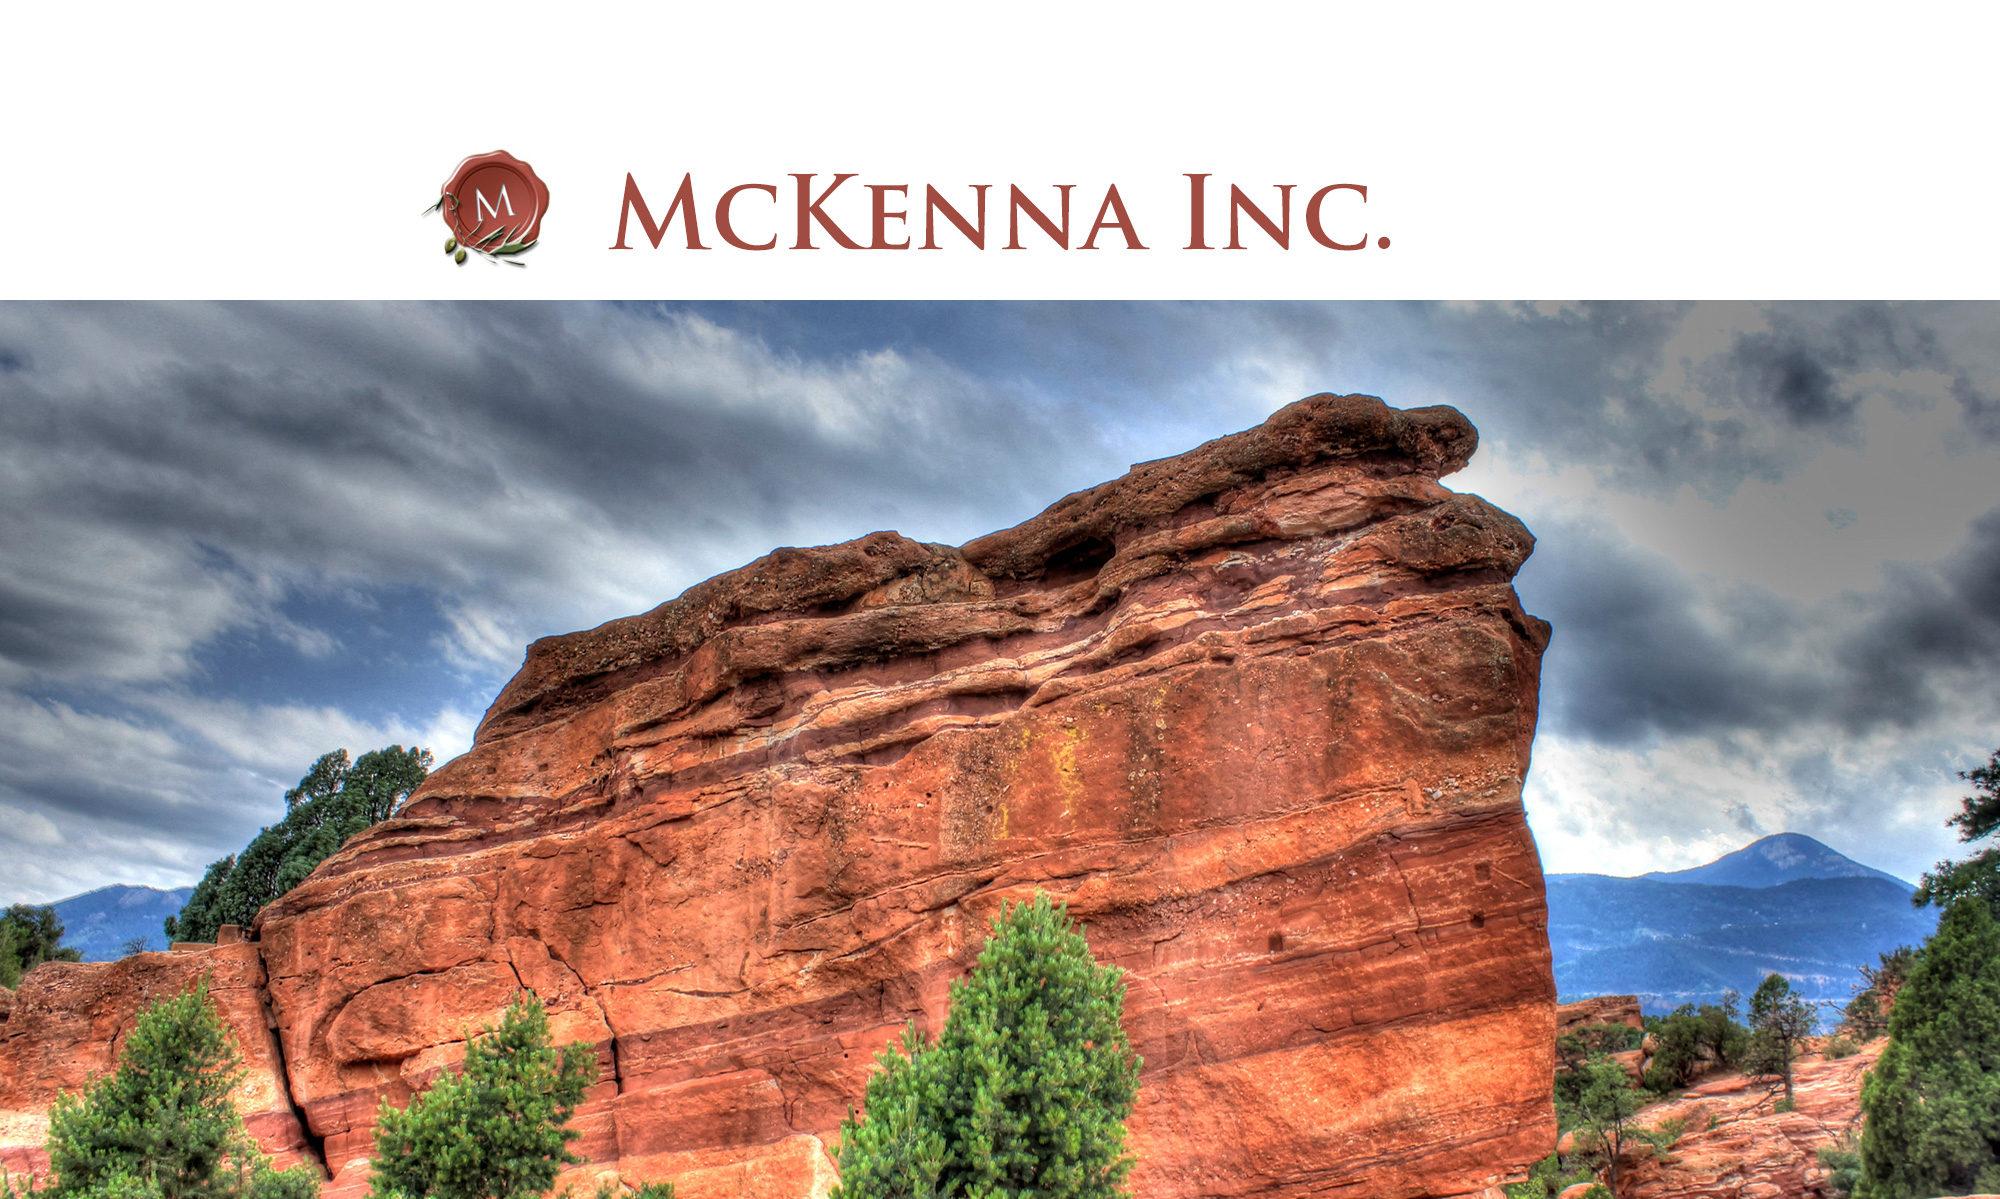 Mckenna Inc